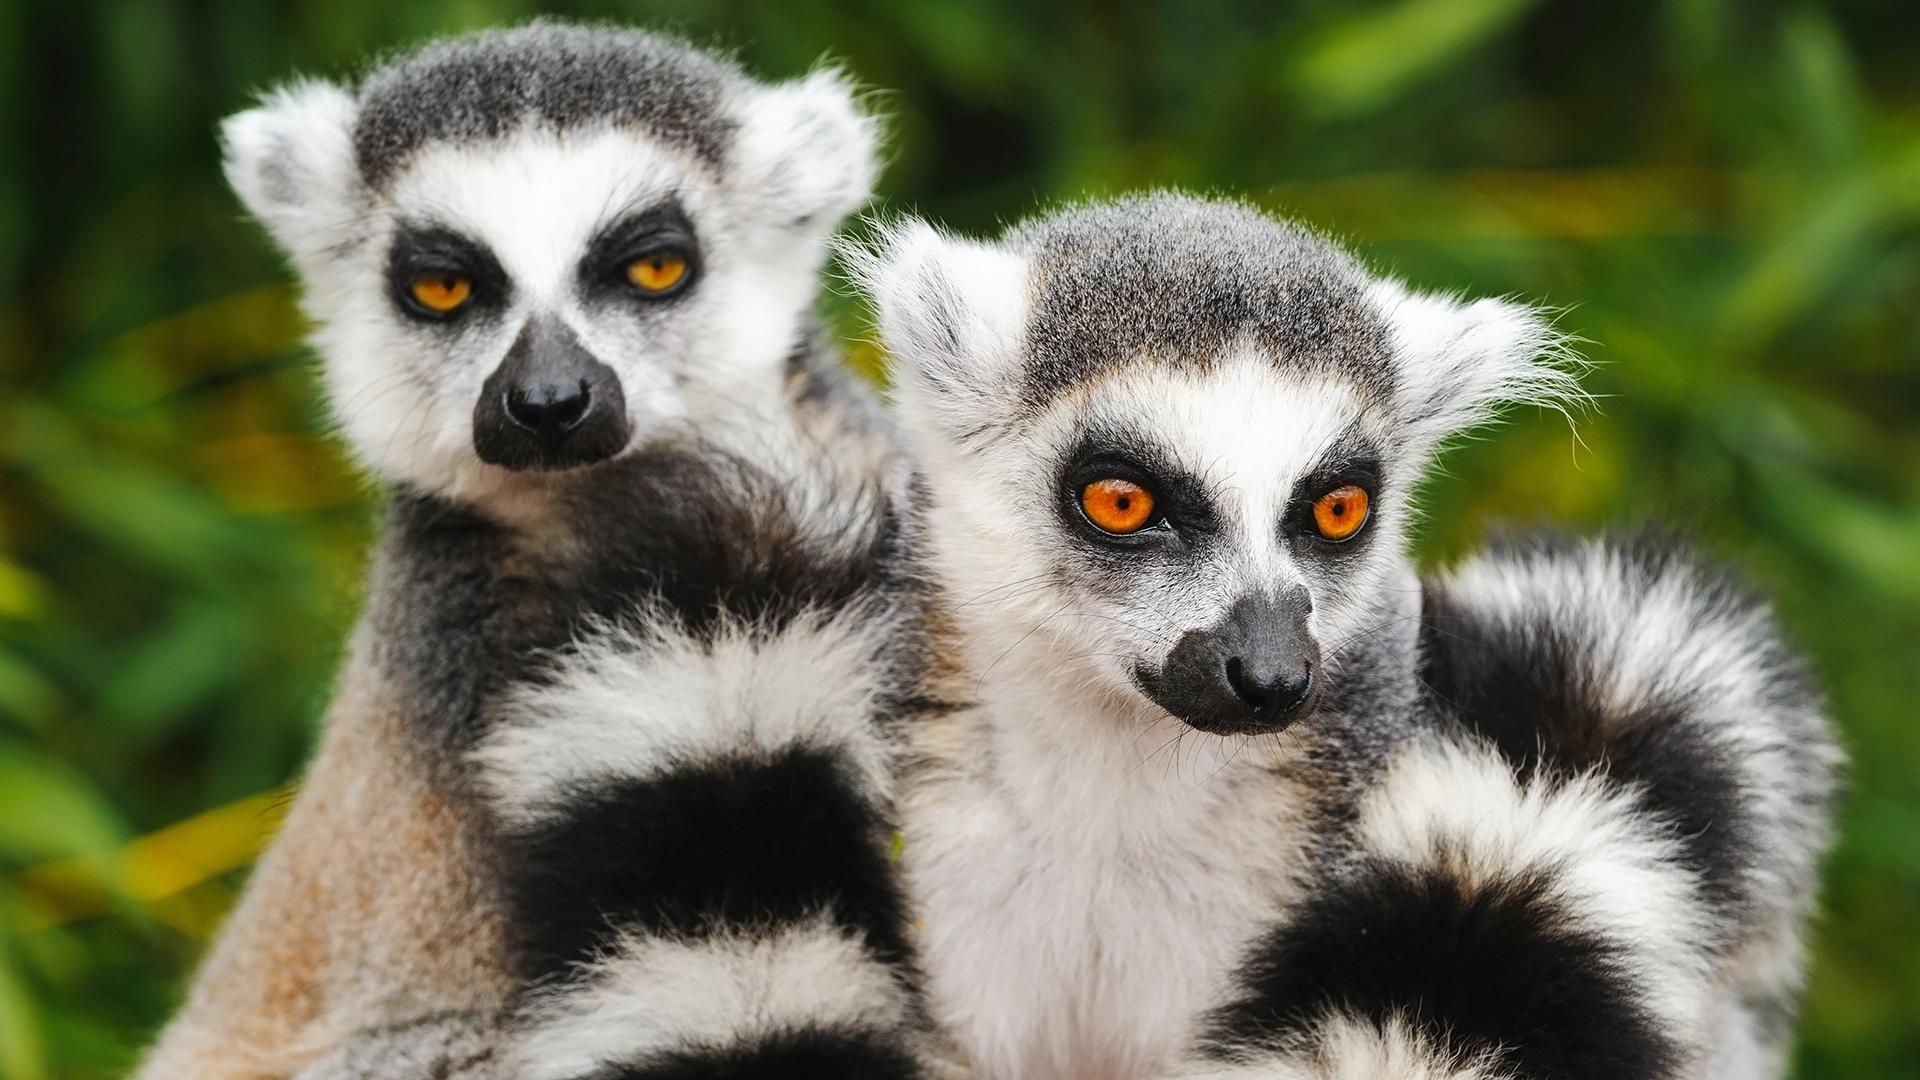 Deux lémuriens à queue annelée sont assis ensemble.